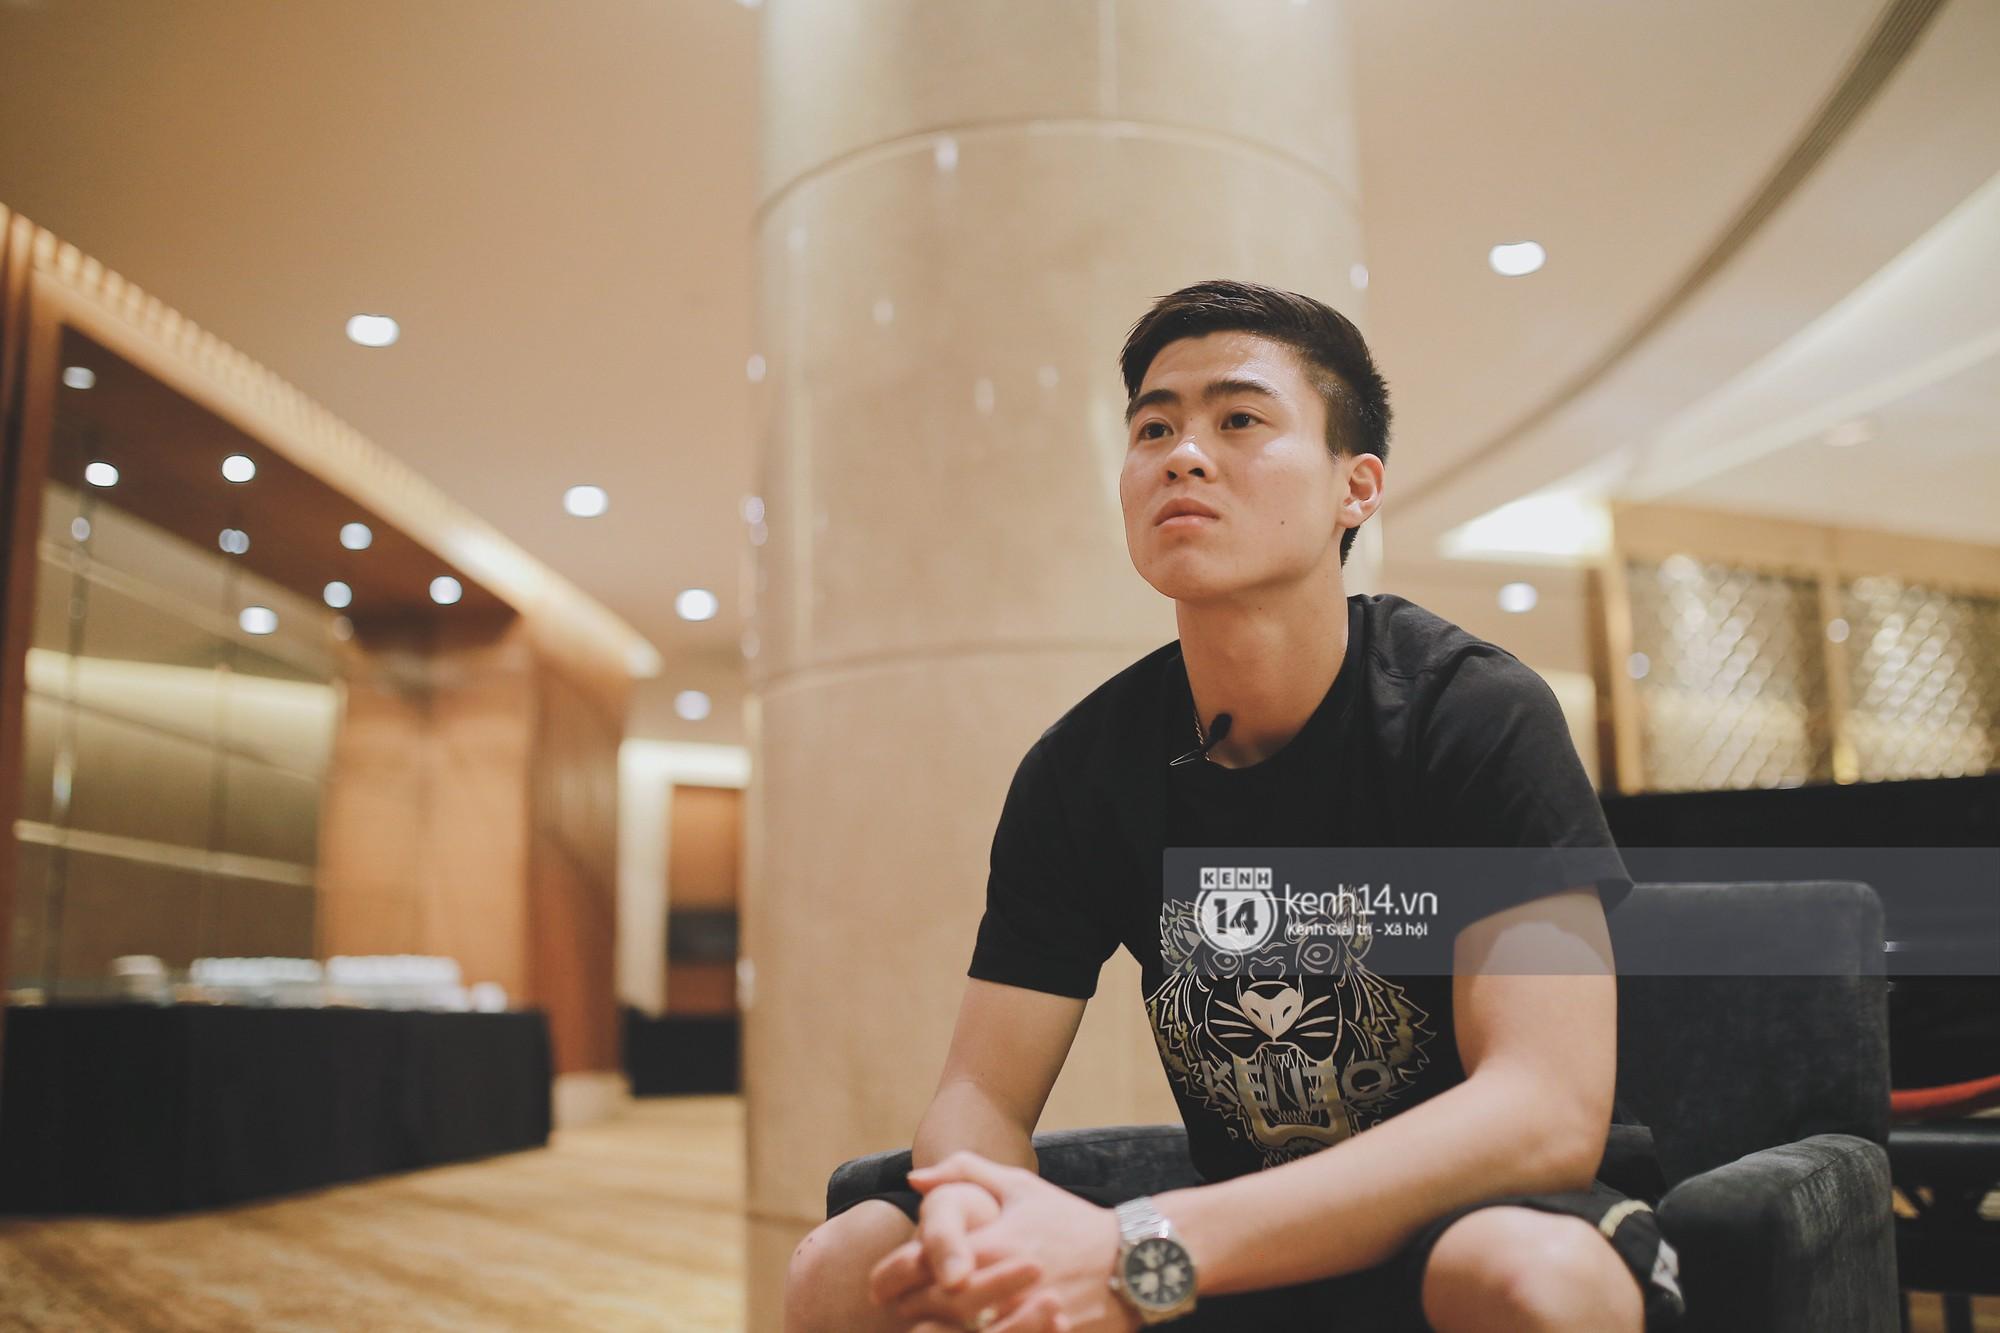 Hot boy Duy Mạnh U23: Trong đội chỉ có mình với Hồng Duy bán hàng online, nhưng thật ra là... đăng hộ bạn gái đấy! 5